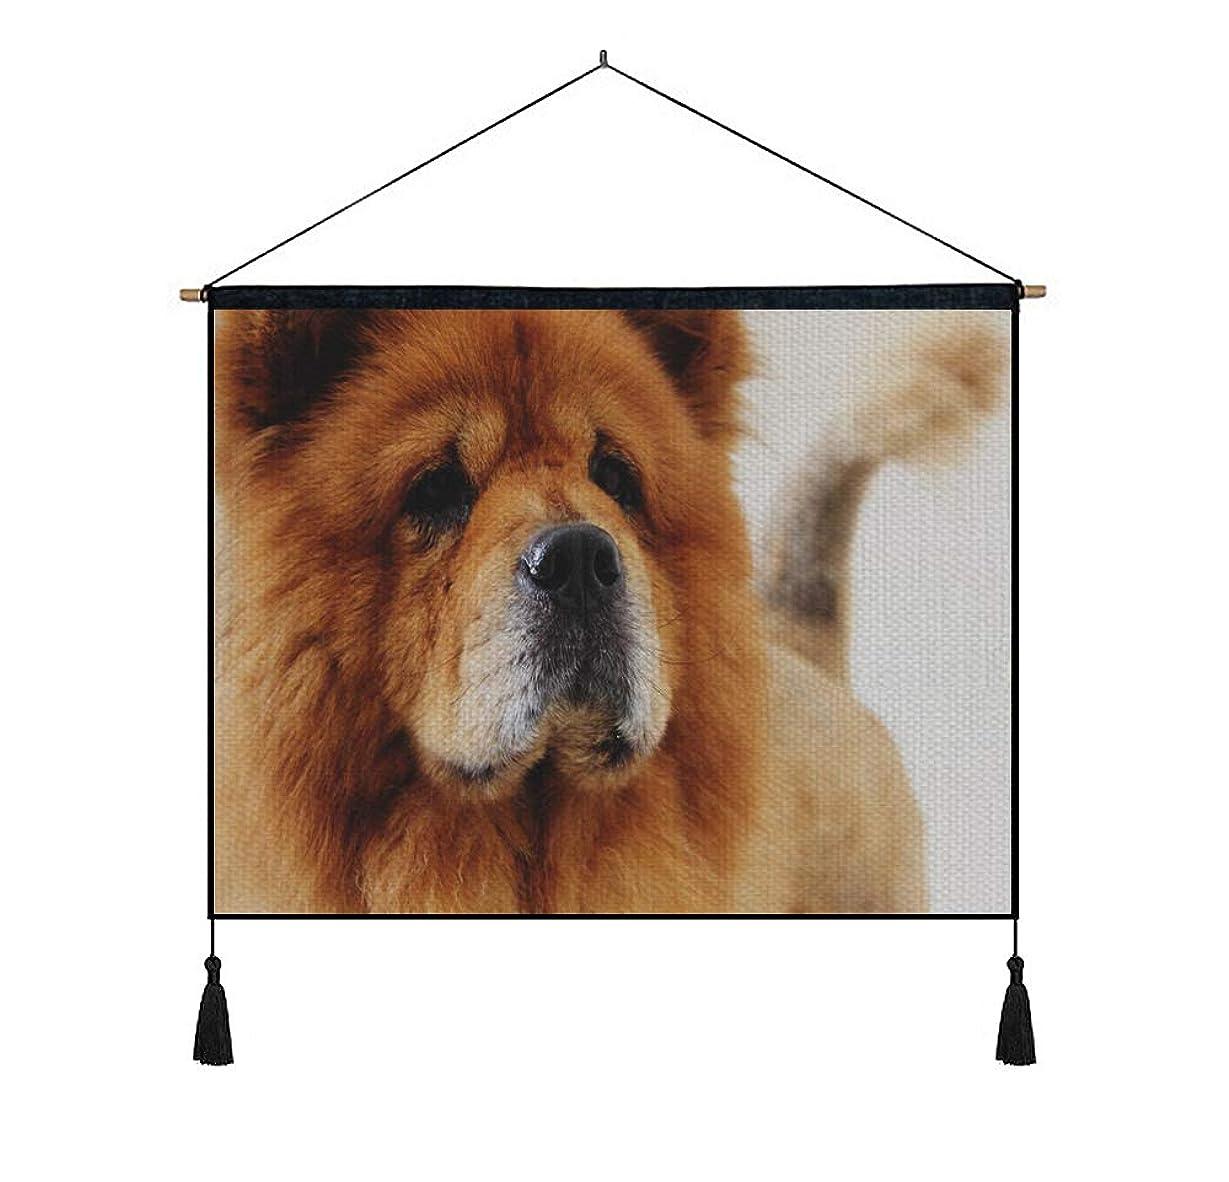 つぶやき枝殺します綿の麻 タペストリー 多機能 掛け軸 掛け物 横 65cmx45cm (チャウチャウ犬の銃口) 個性 掛け軸 掛け物 掛けじく ポスター インテリア 組立式 部屋飾り壁 壁飾り